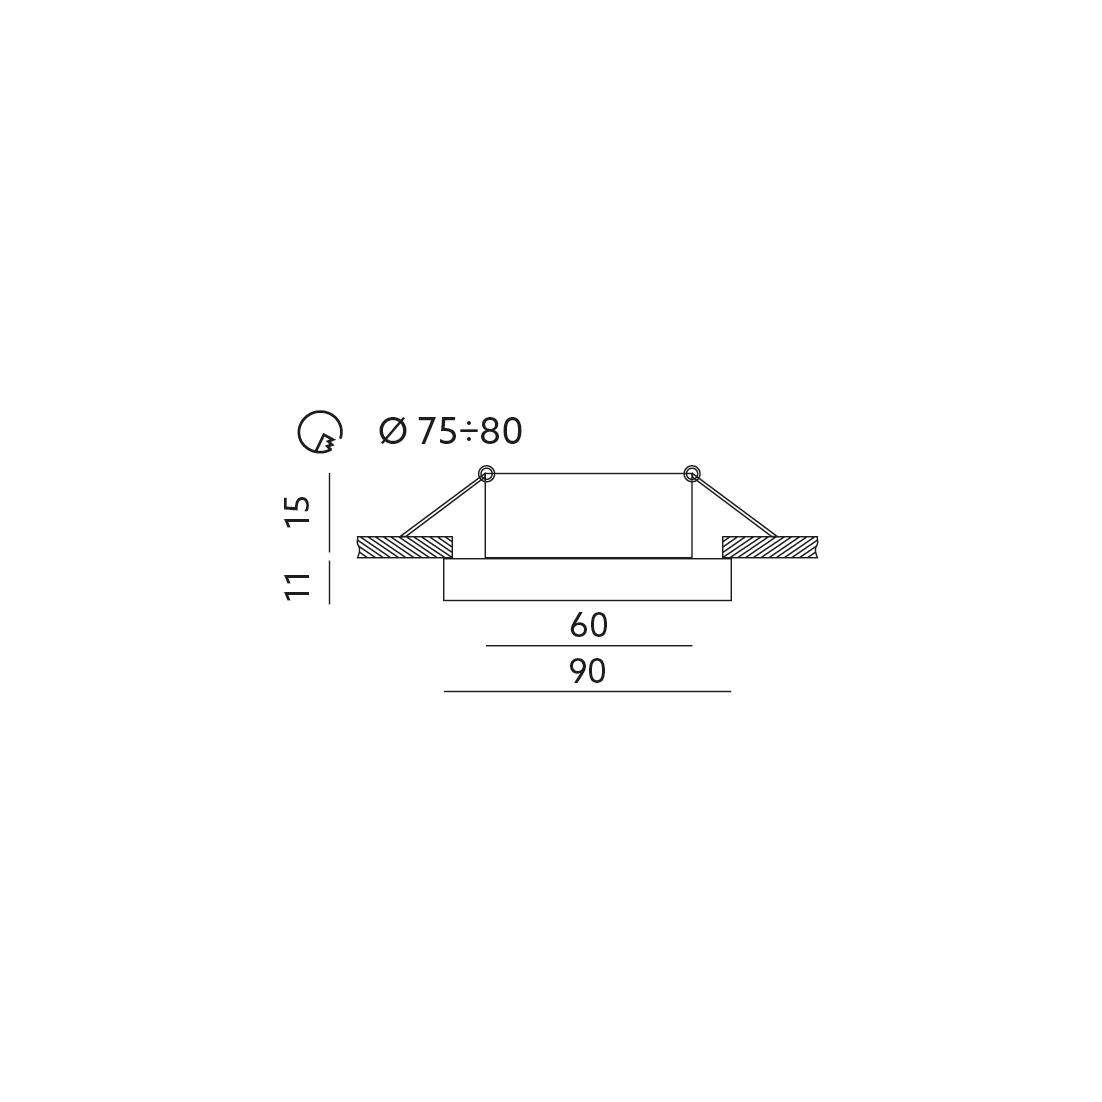 Pierścień ozdobny do opraw OH51 CZARNY - KPOH51CZ